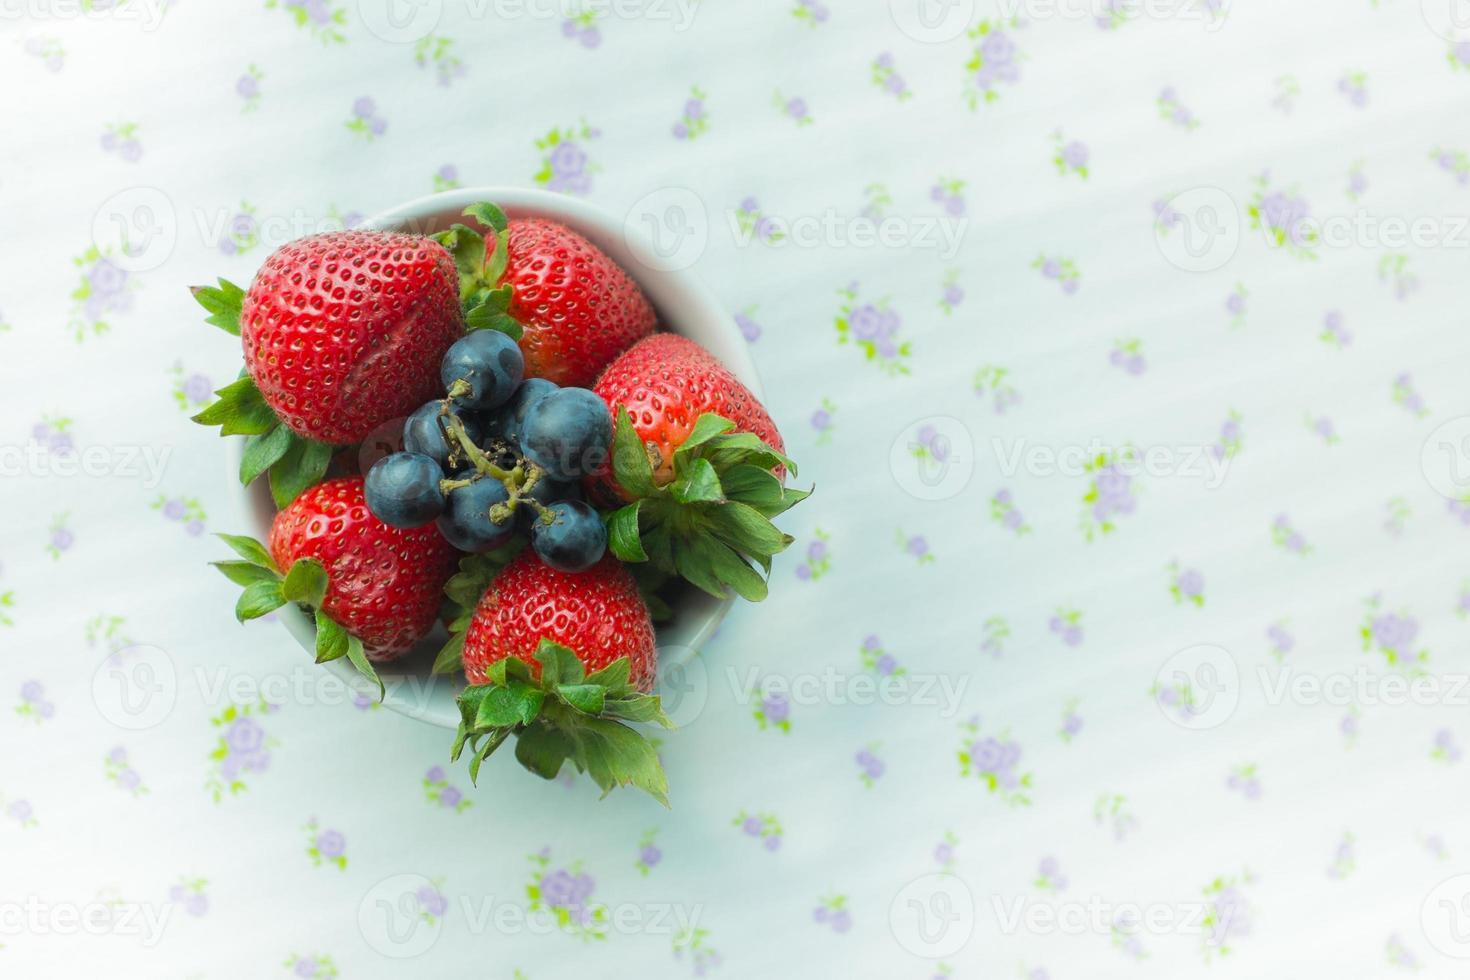 fresas y arándanos en un tazón foto